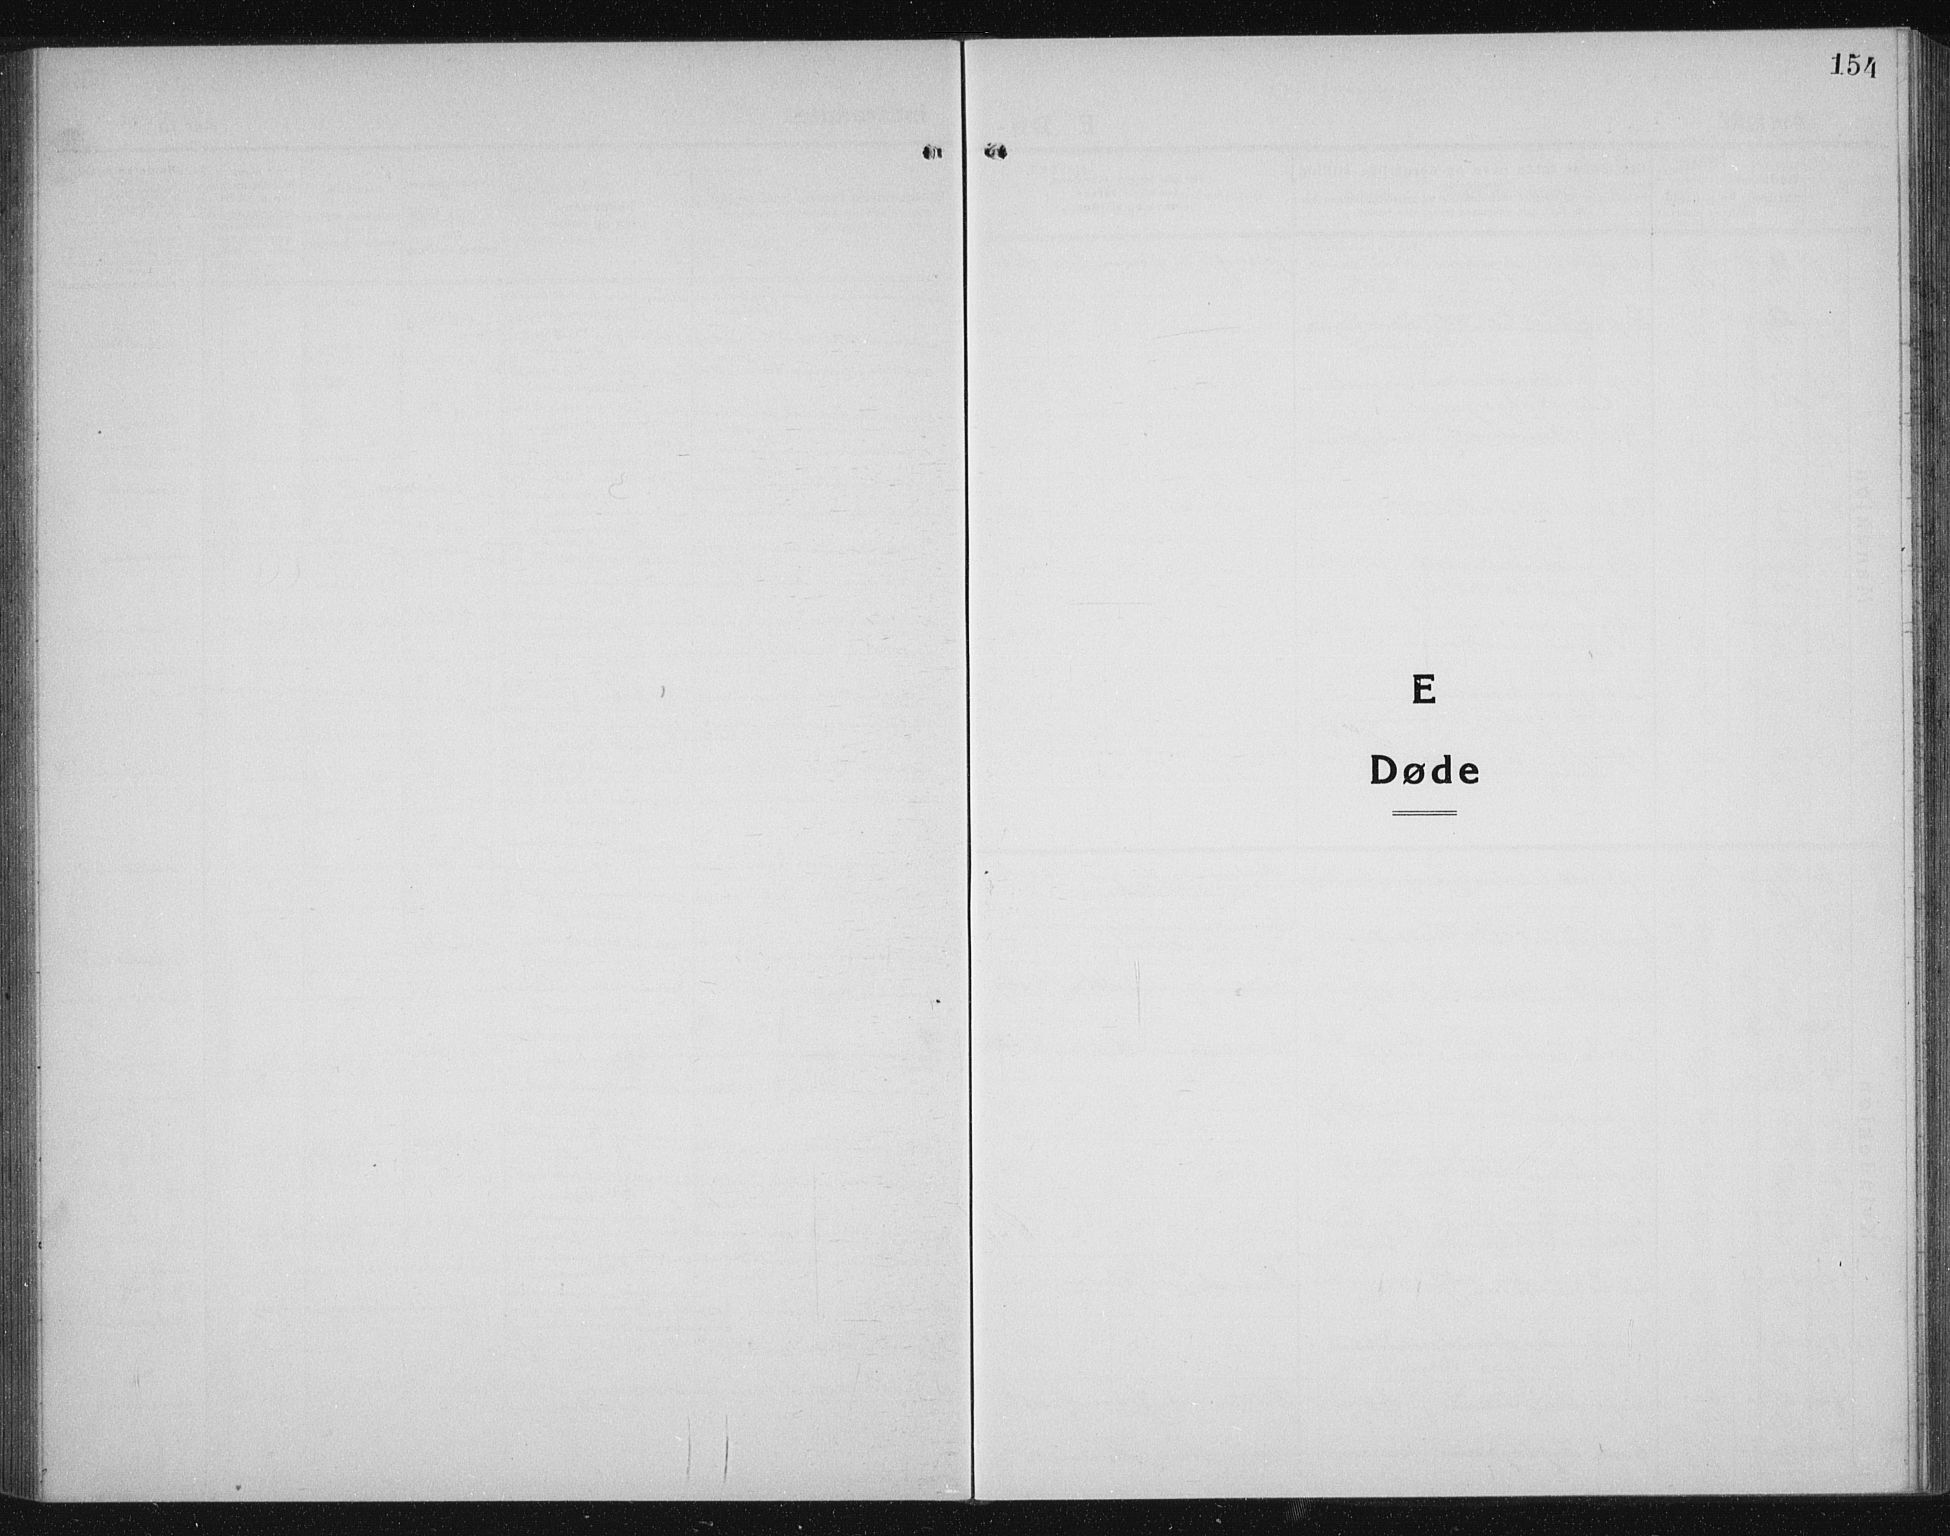 SAT, Ministerialprotokoller, klokkerbøker og fødselsregistre - Sør-Trøndelag, 605/L0260: Klokkerbok nr. 605C07, 1922-1942, s. 154